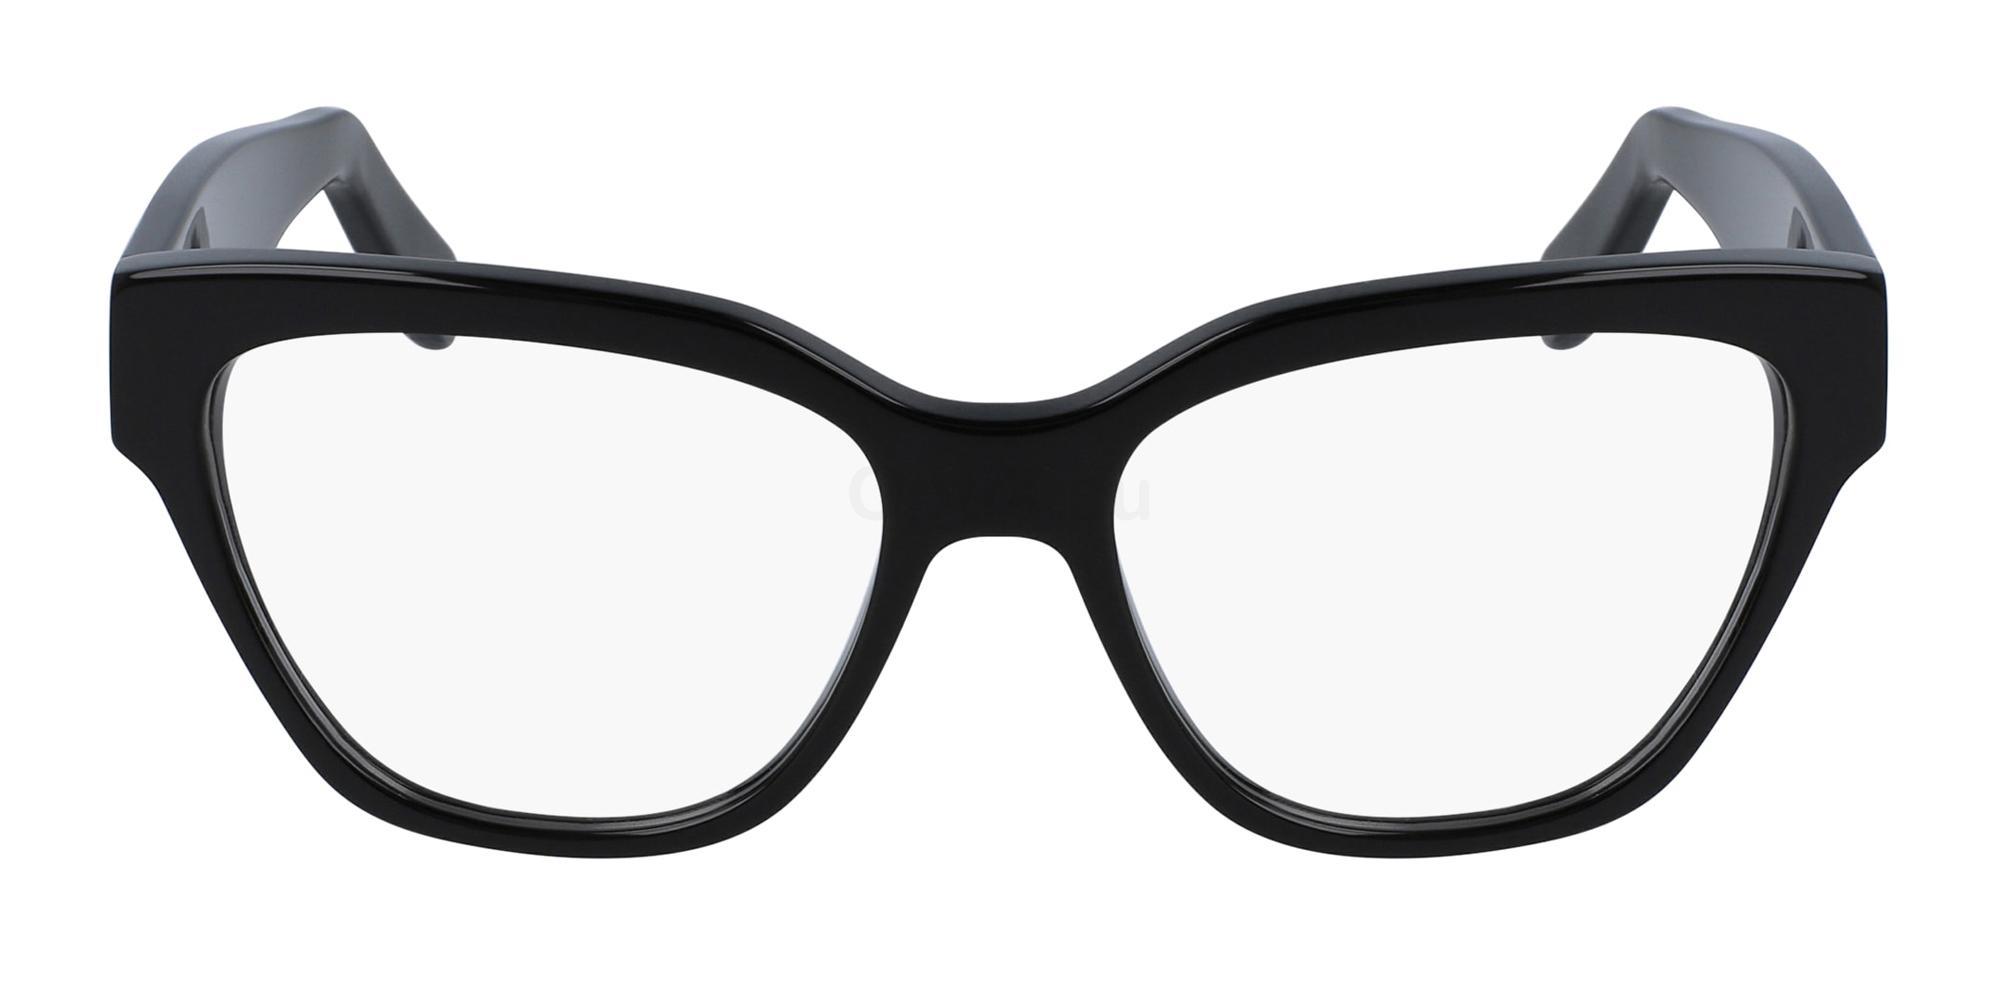 001 SF2875 Glasses, Salvatore Ferragamo